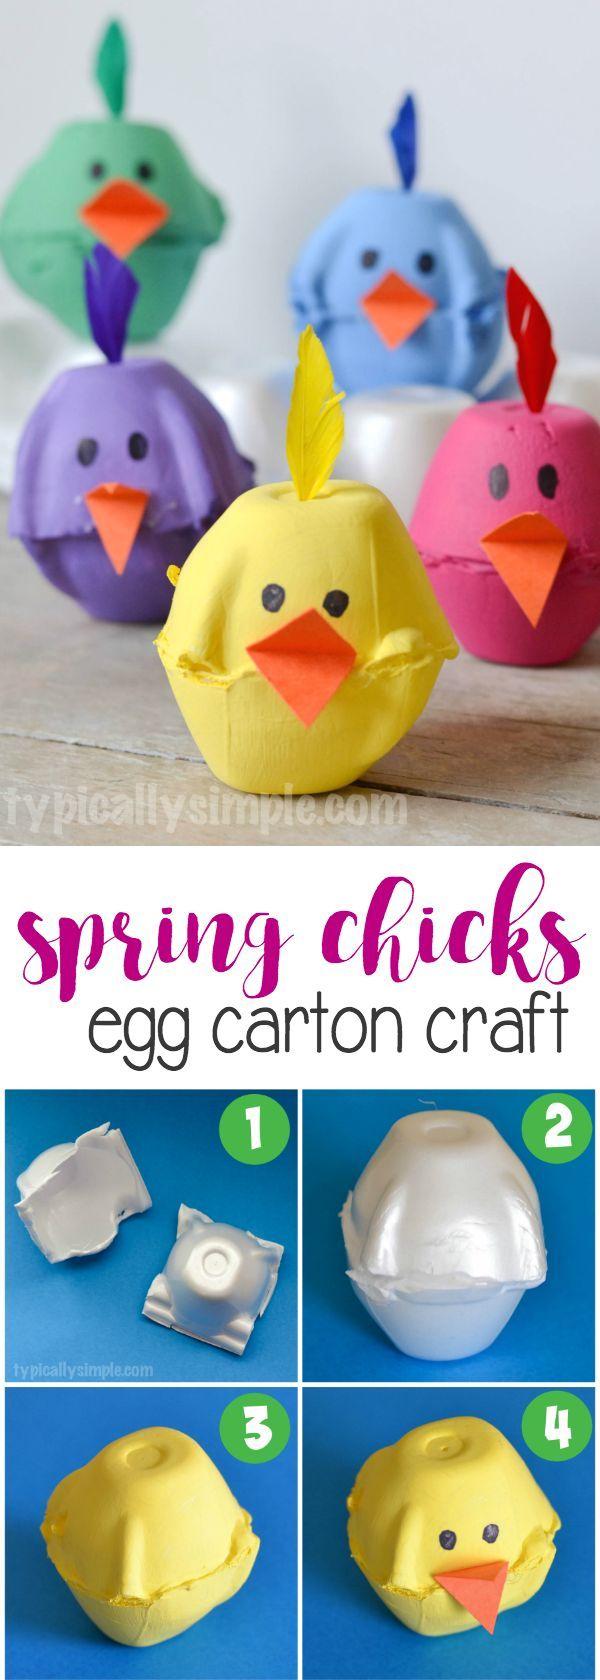 Spring Chicks Egg Carton Craft